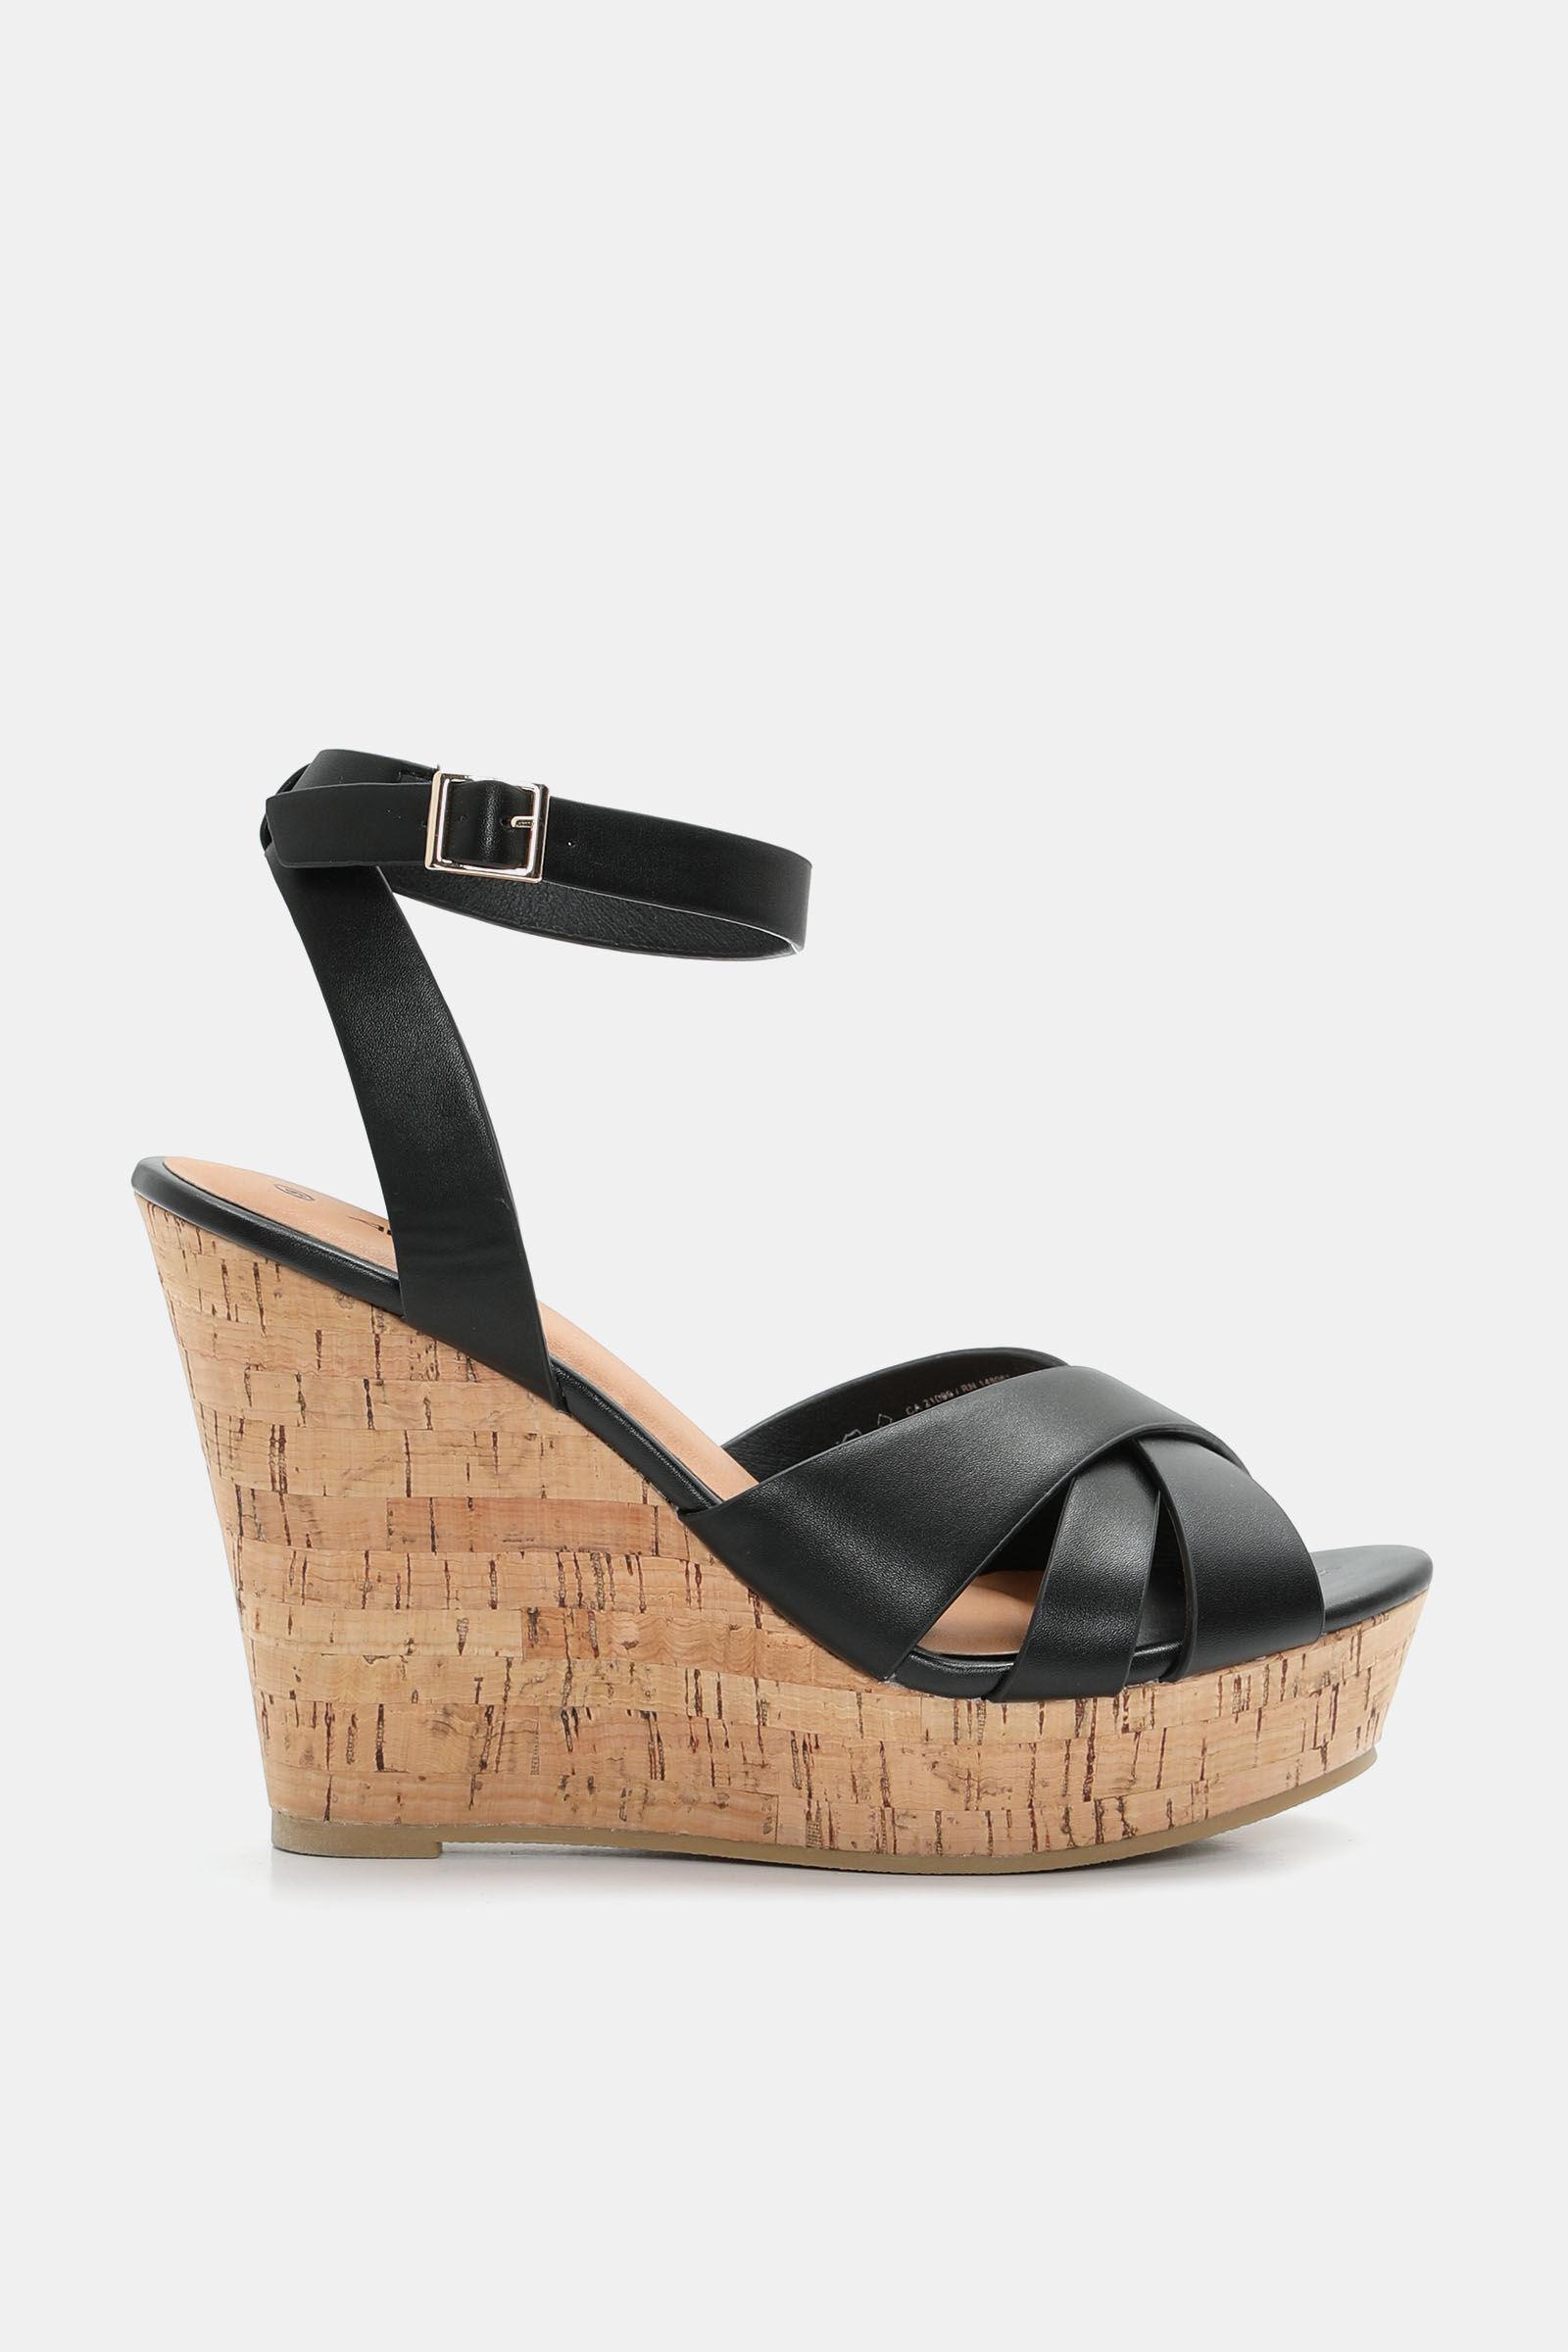 Pour Talons Chaussures HautsCompensés FemmeArdène Talons shQdCrt